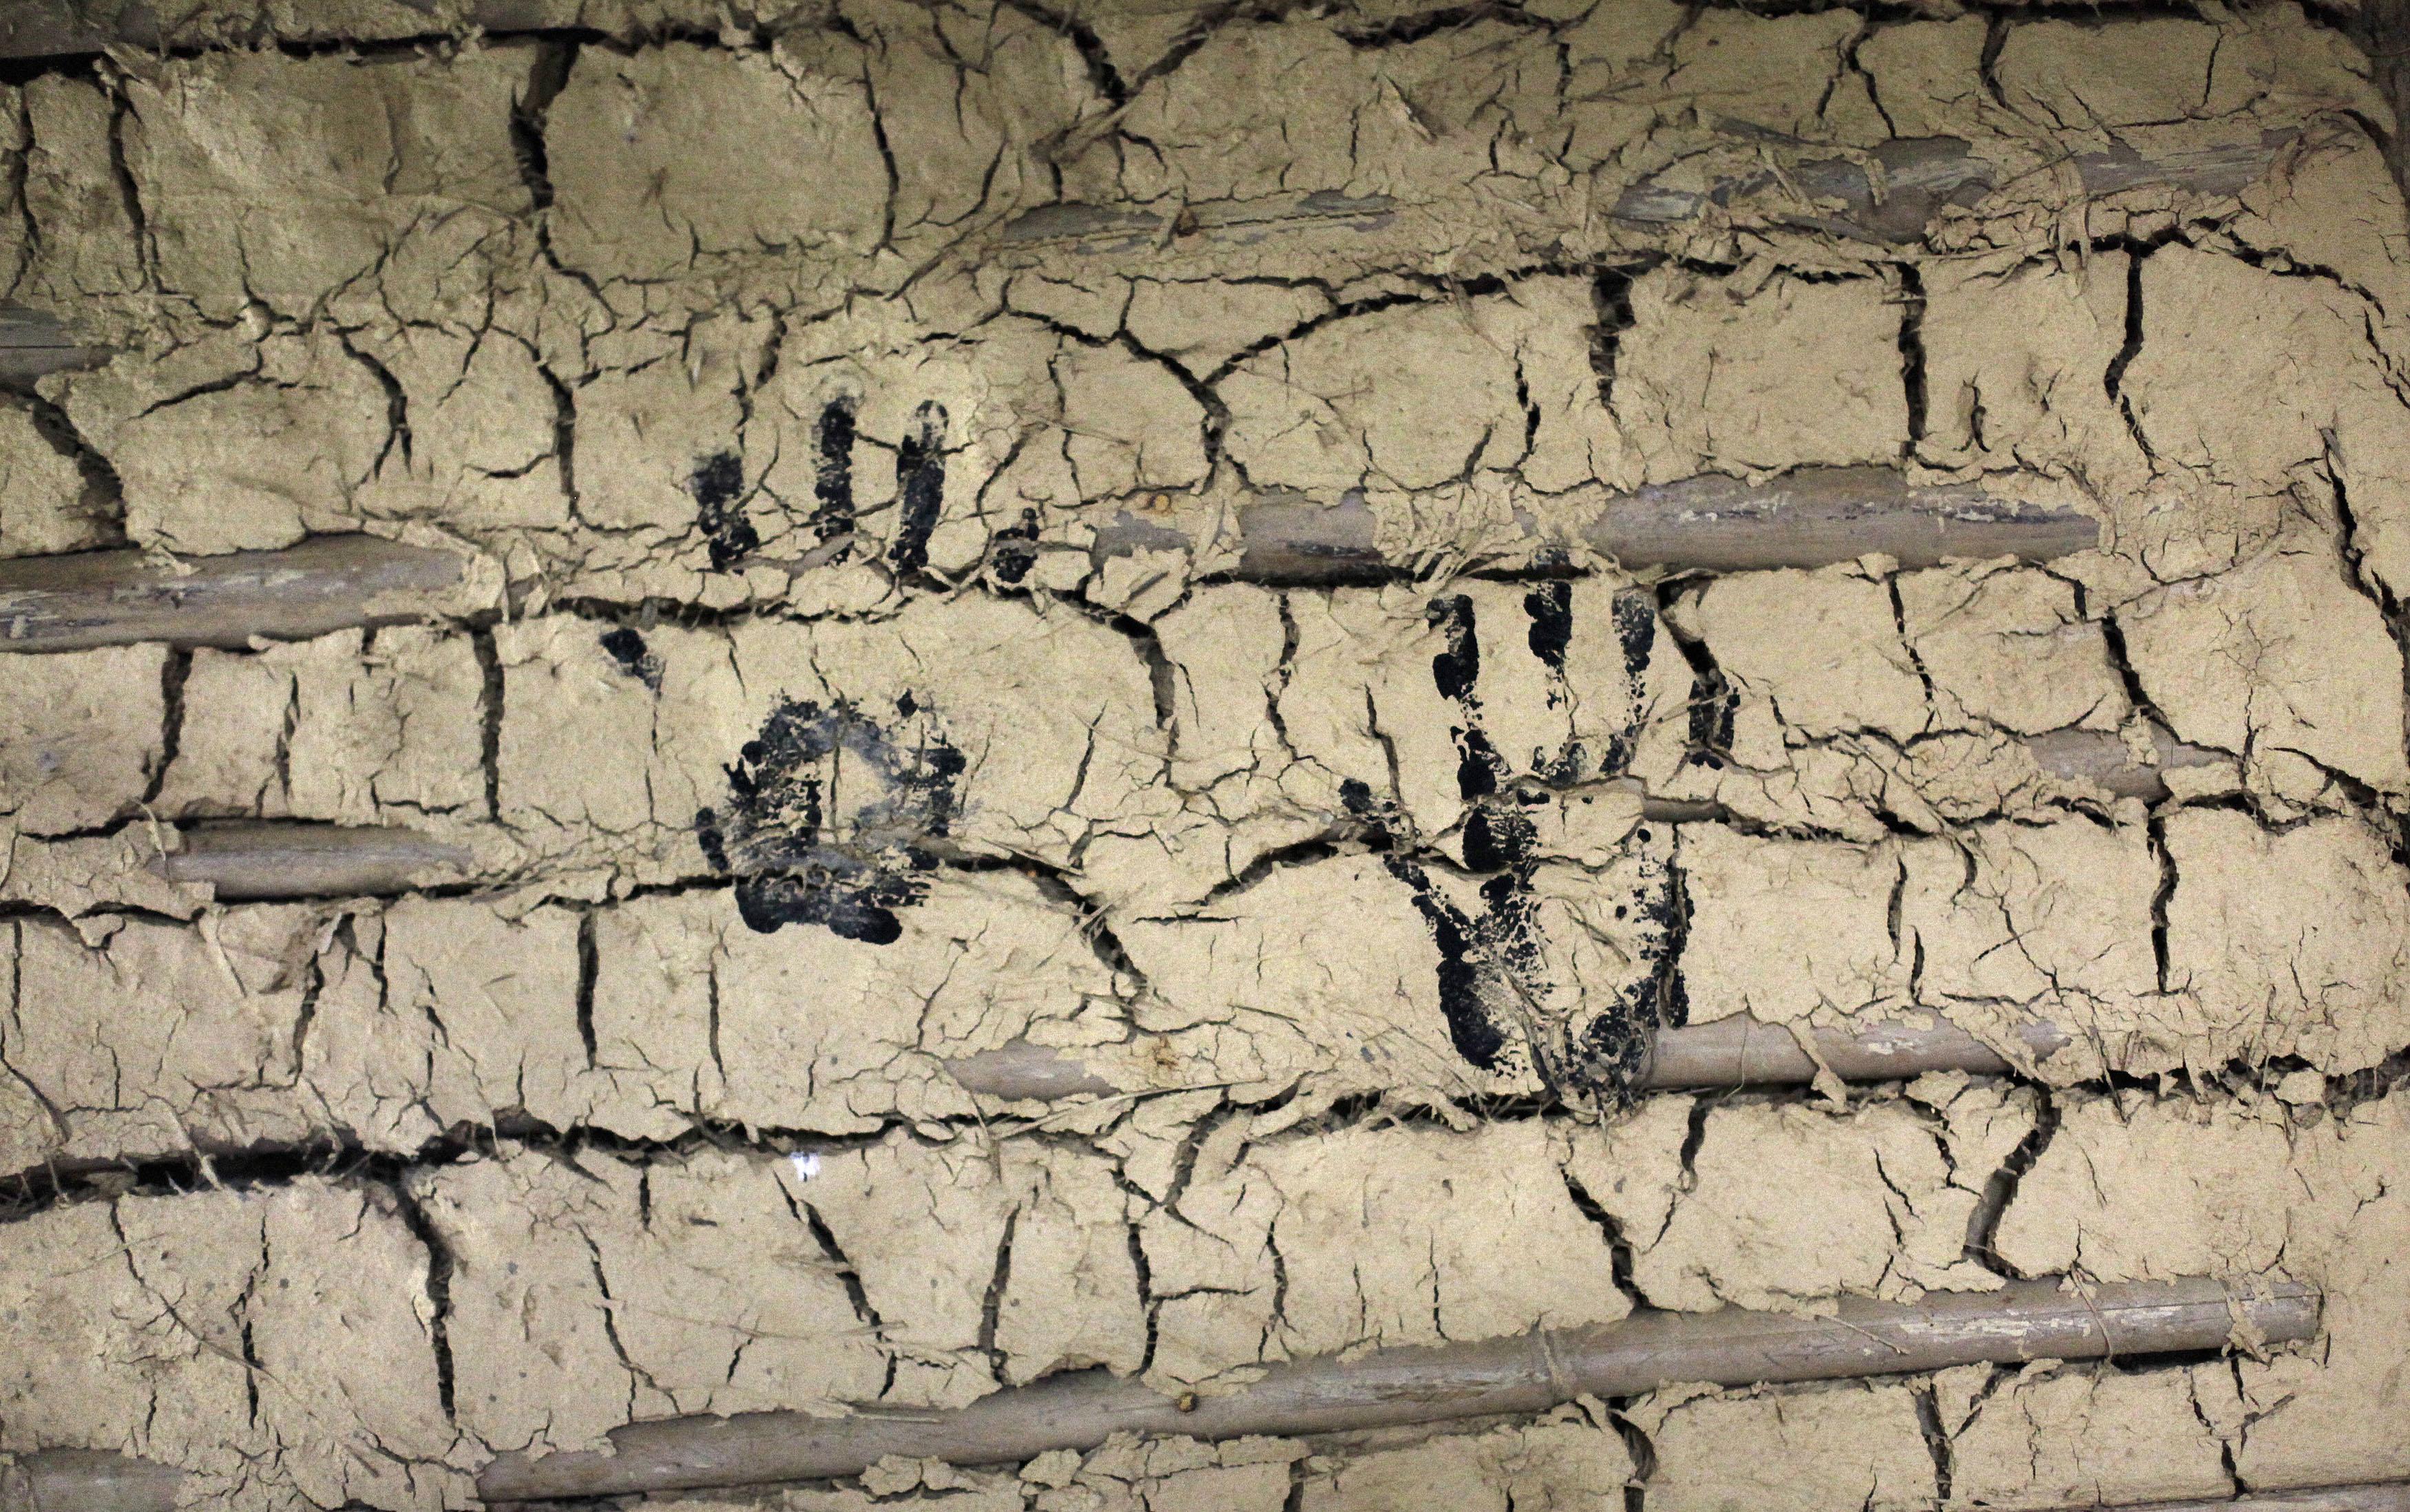 Η δουλεία εξακολουθεί να υπάρχει ακόμη και σήμερα